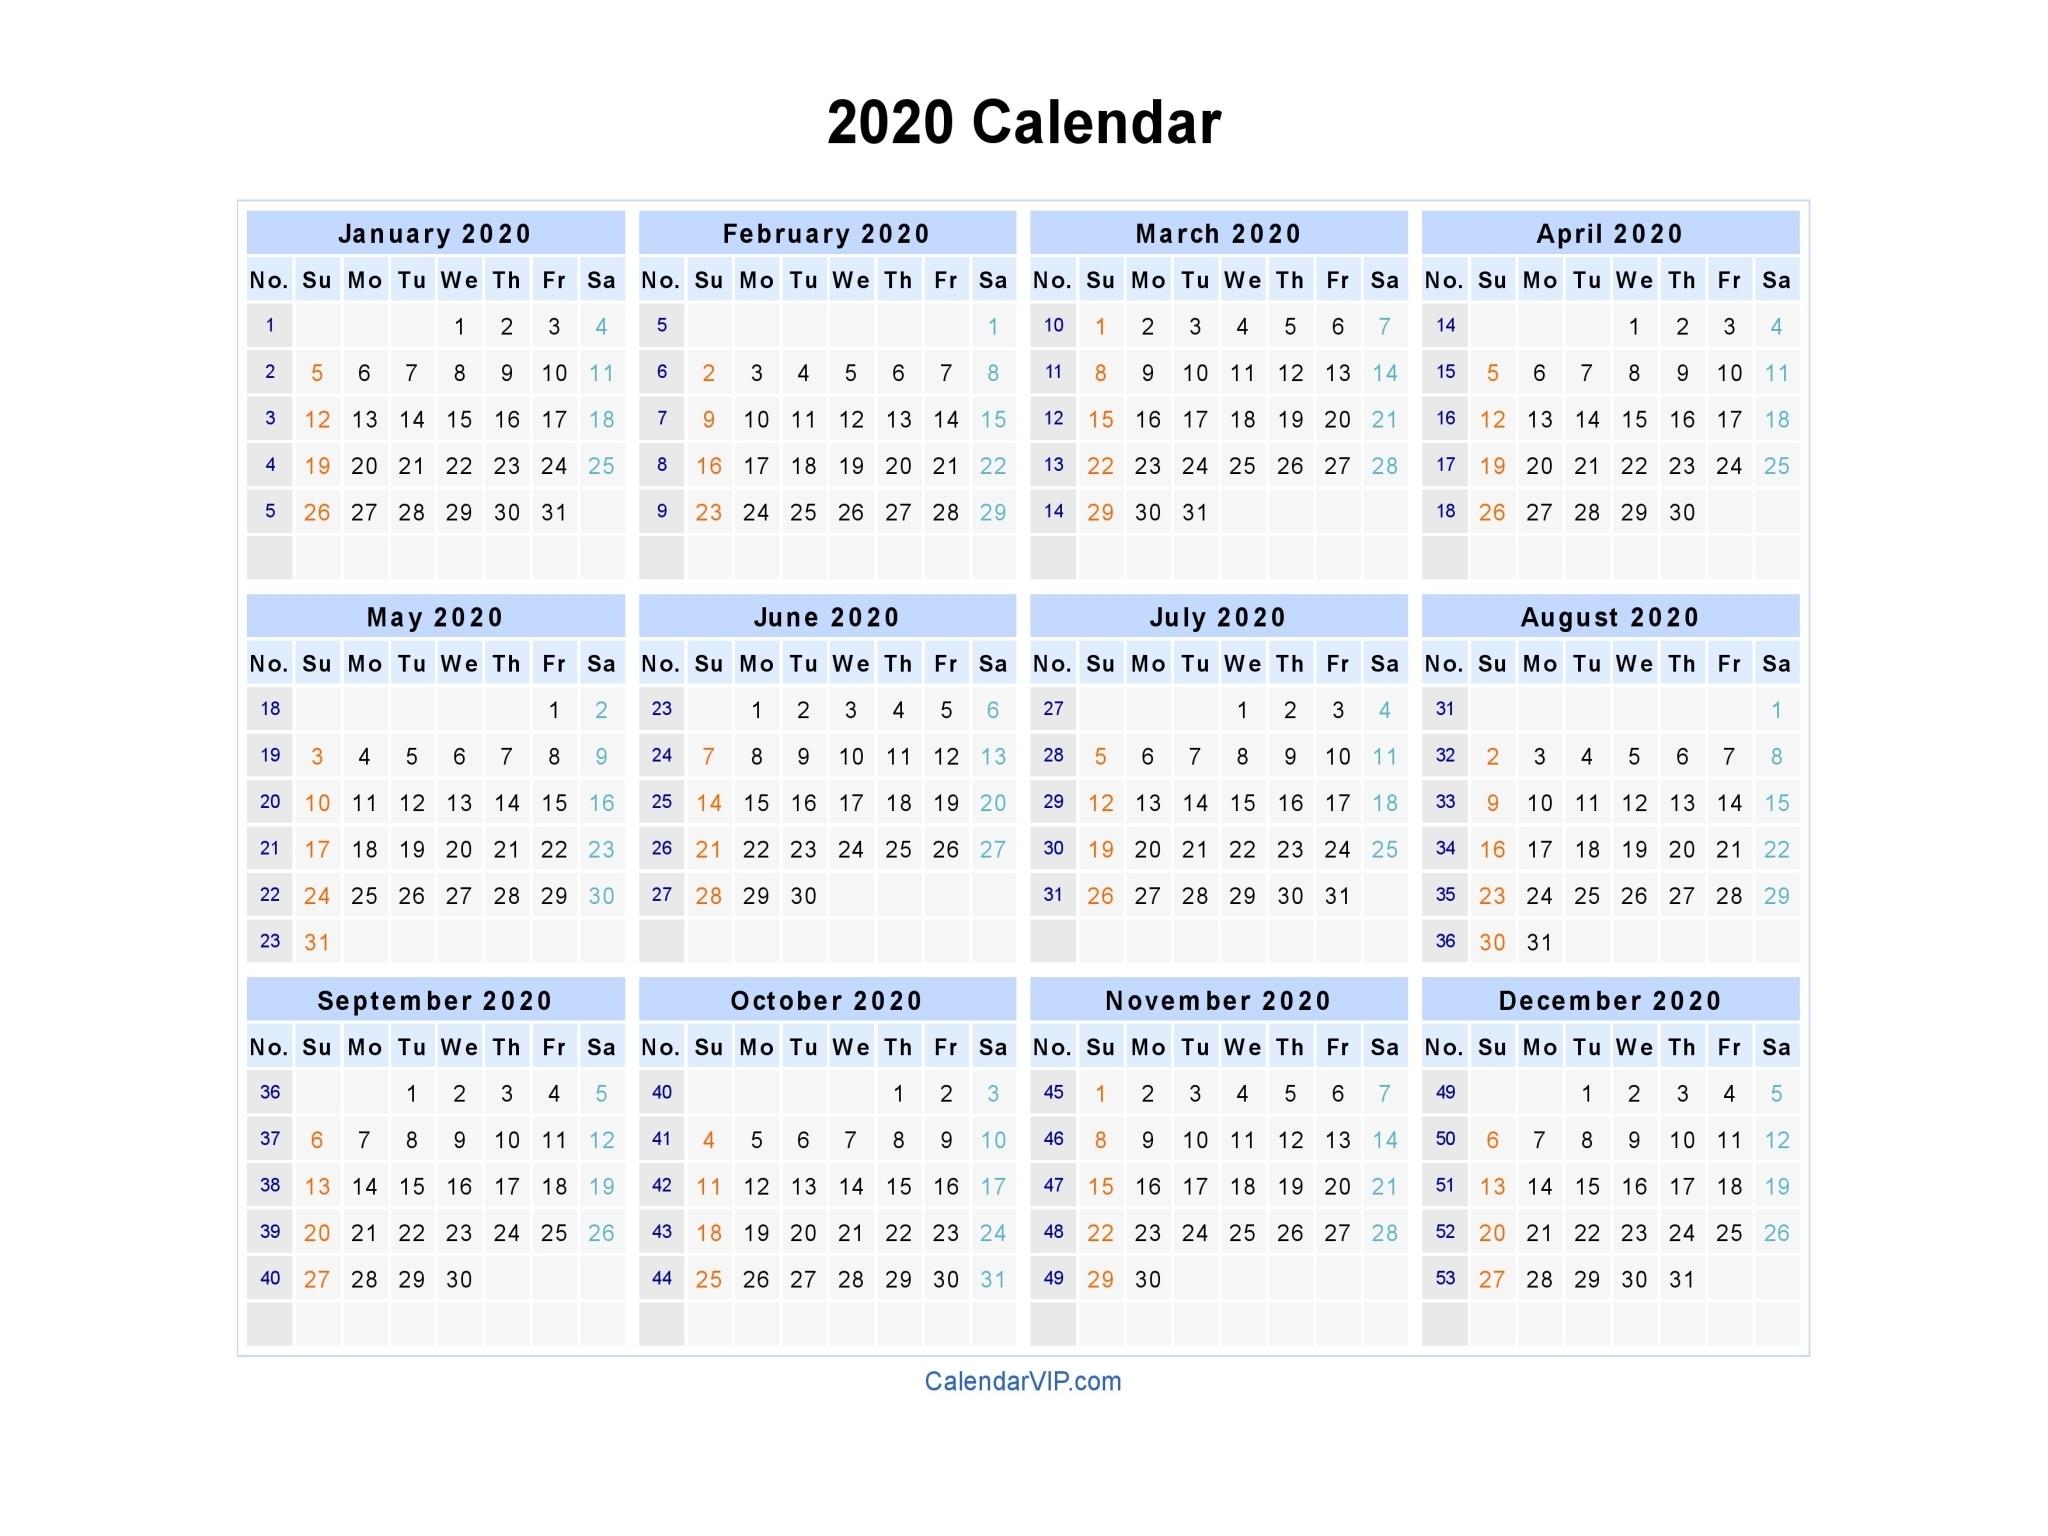 2020 Calendar - Blank Printable Calendar Template In Pdf Word Excel throughout 2020 Calendar With Week Numbers In Excel